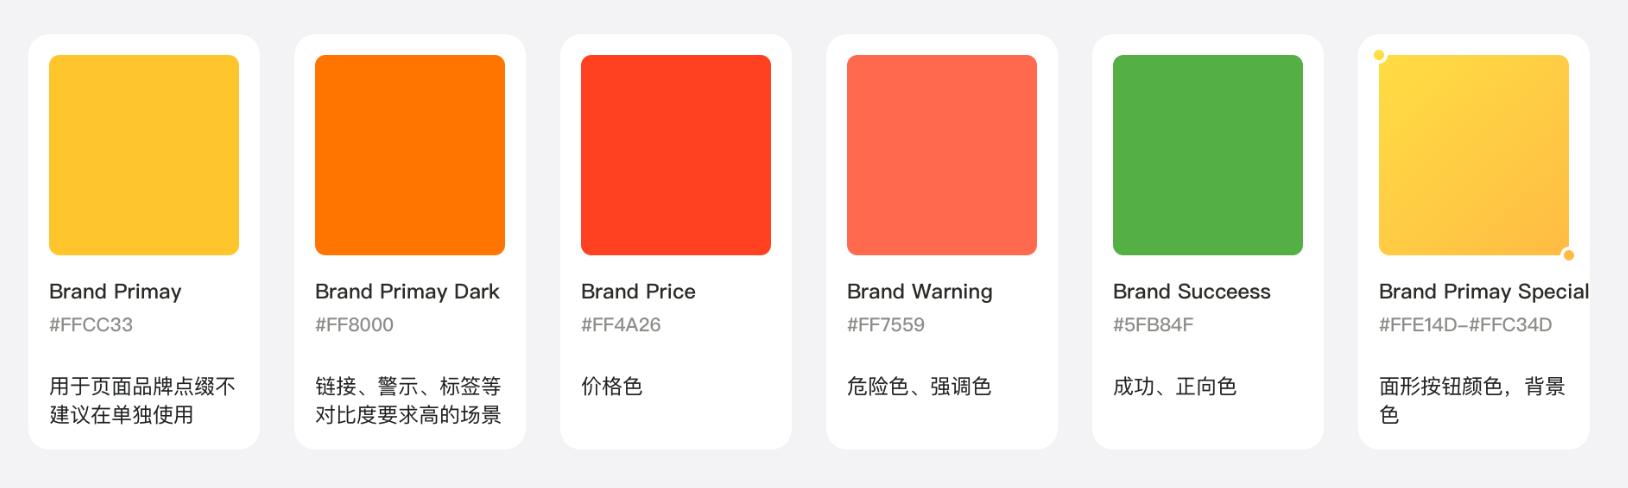 定义颜色使用场景